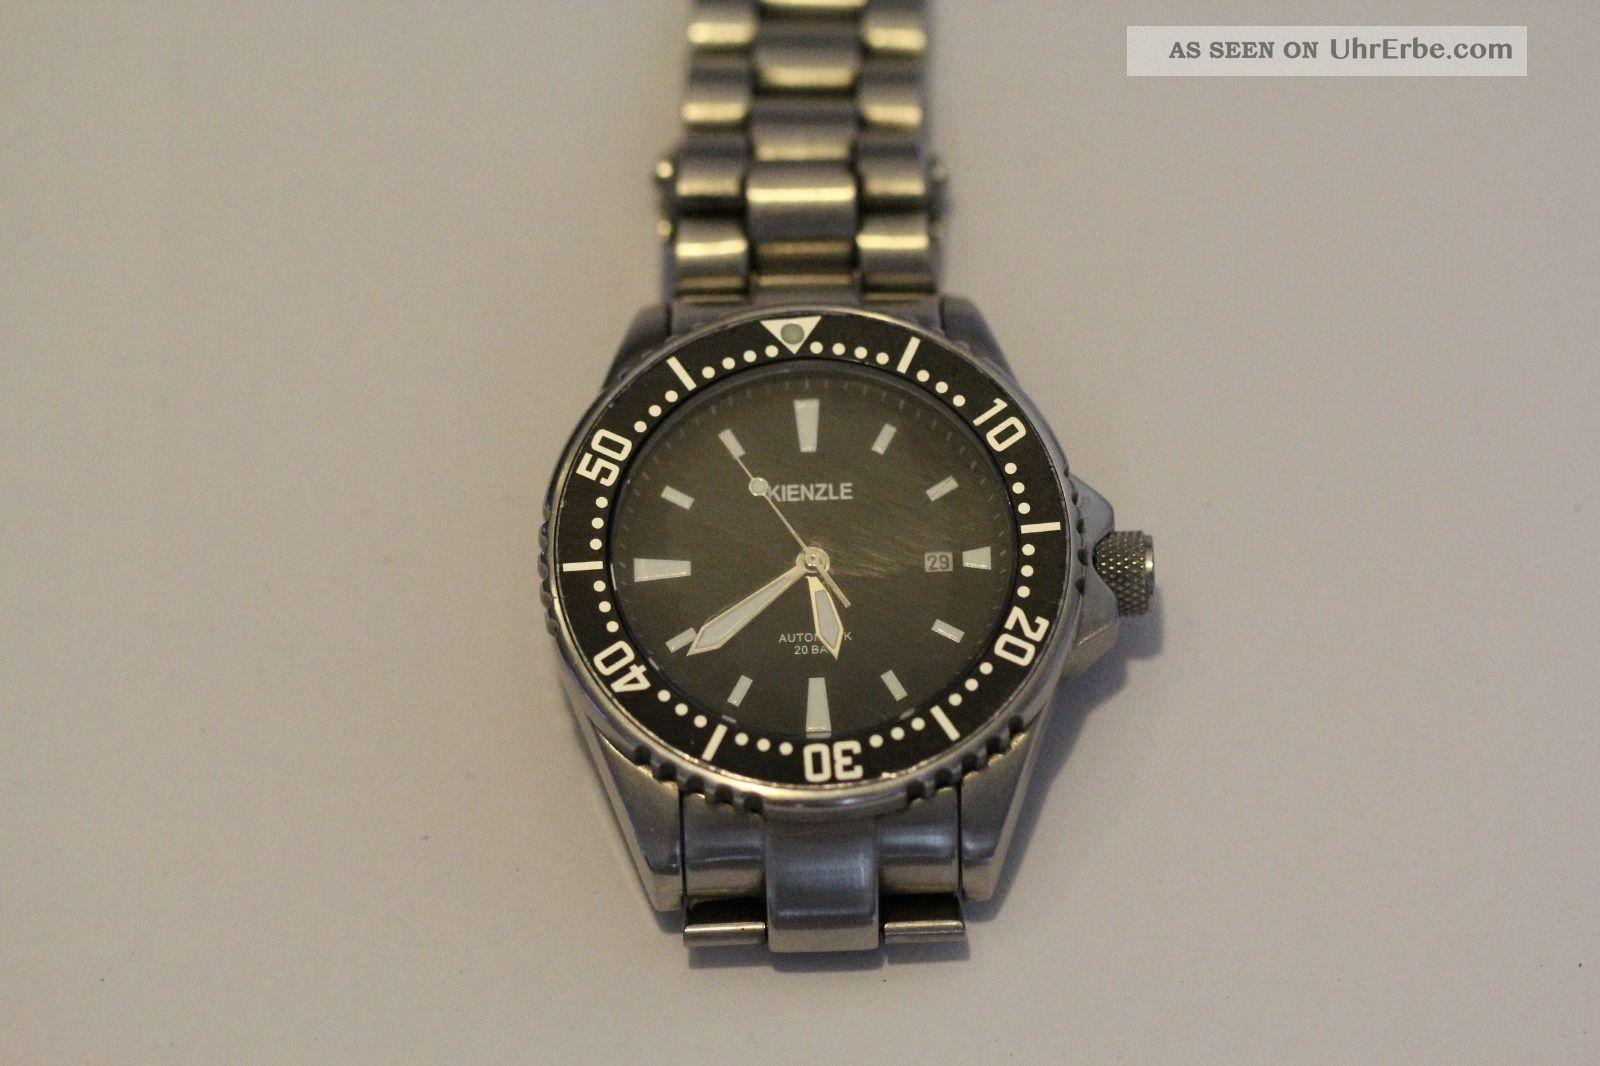 Kienzle Herrenuhr Automatic Armbanduhren V710 9113 7320 Armbanduhren Bild